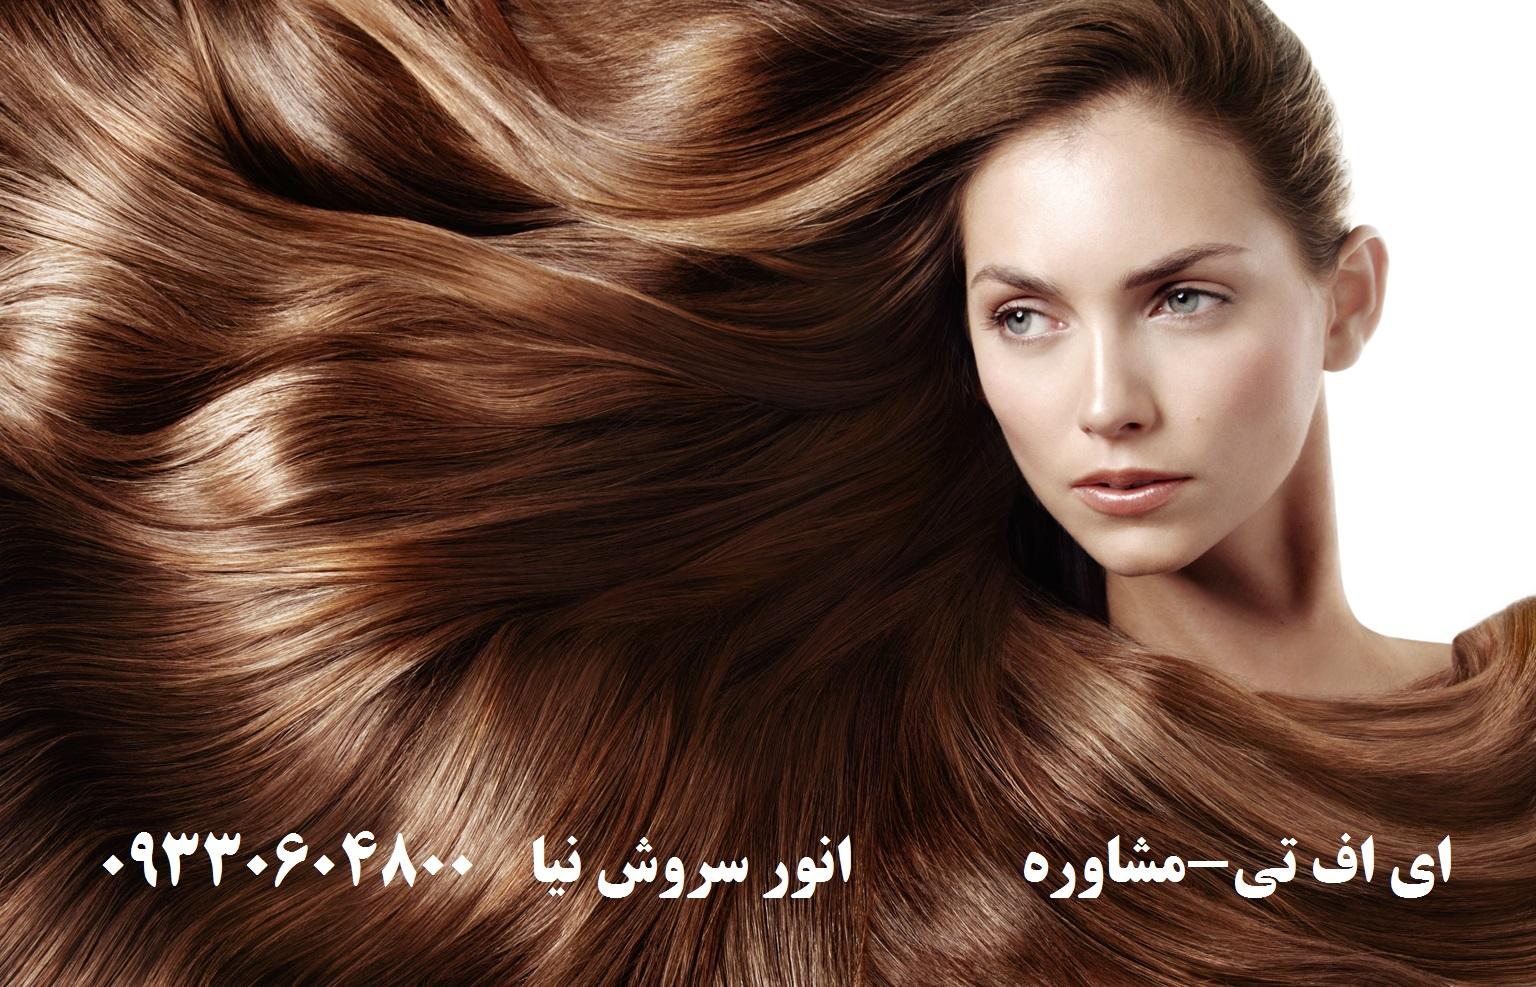 ای اف تی ریزش مو چیست و چه کار کنم که ریزش موی من قطع بشه